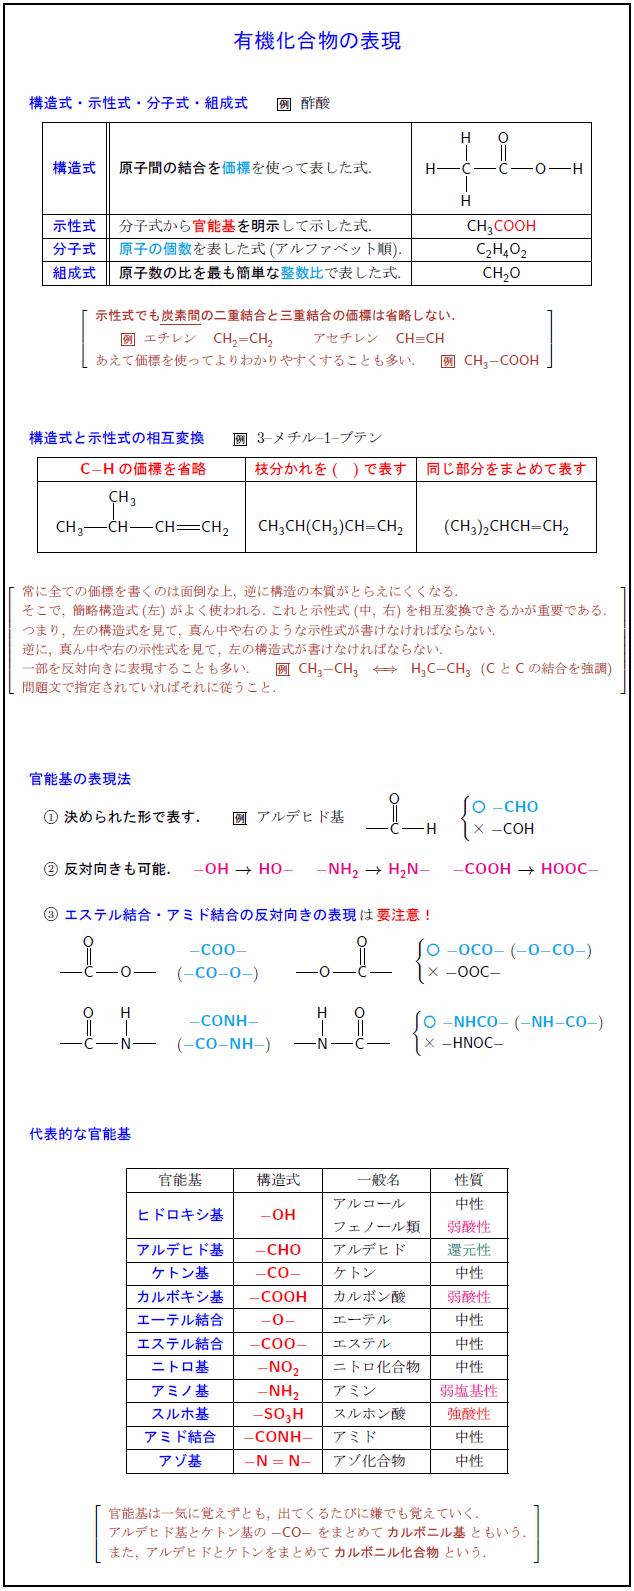 有機化合物の表現